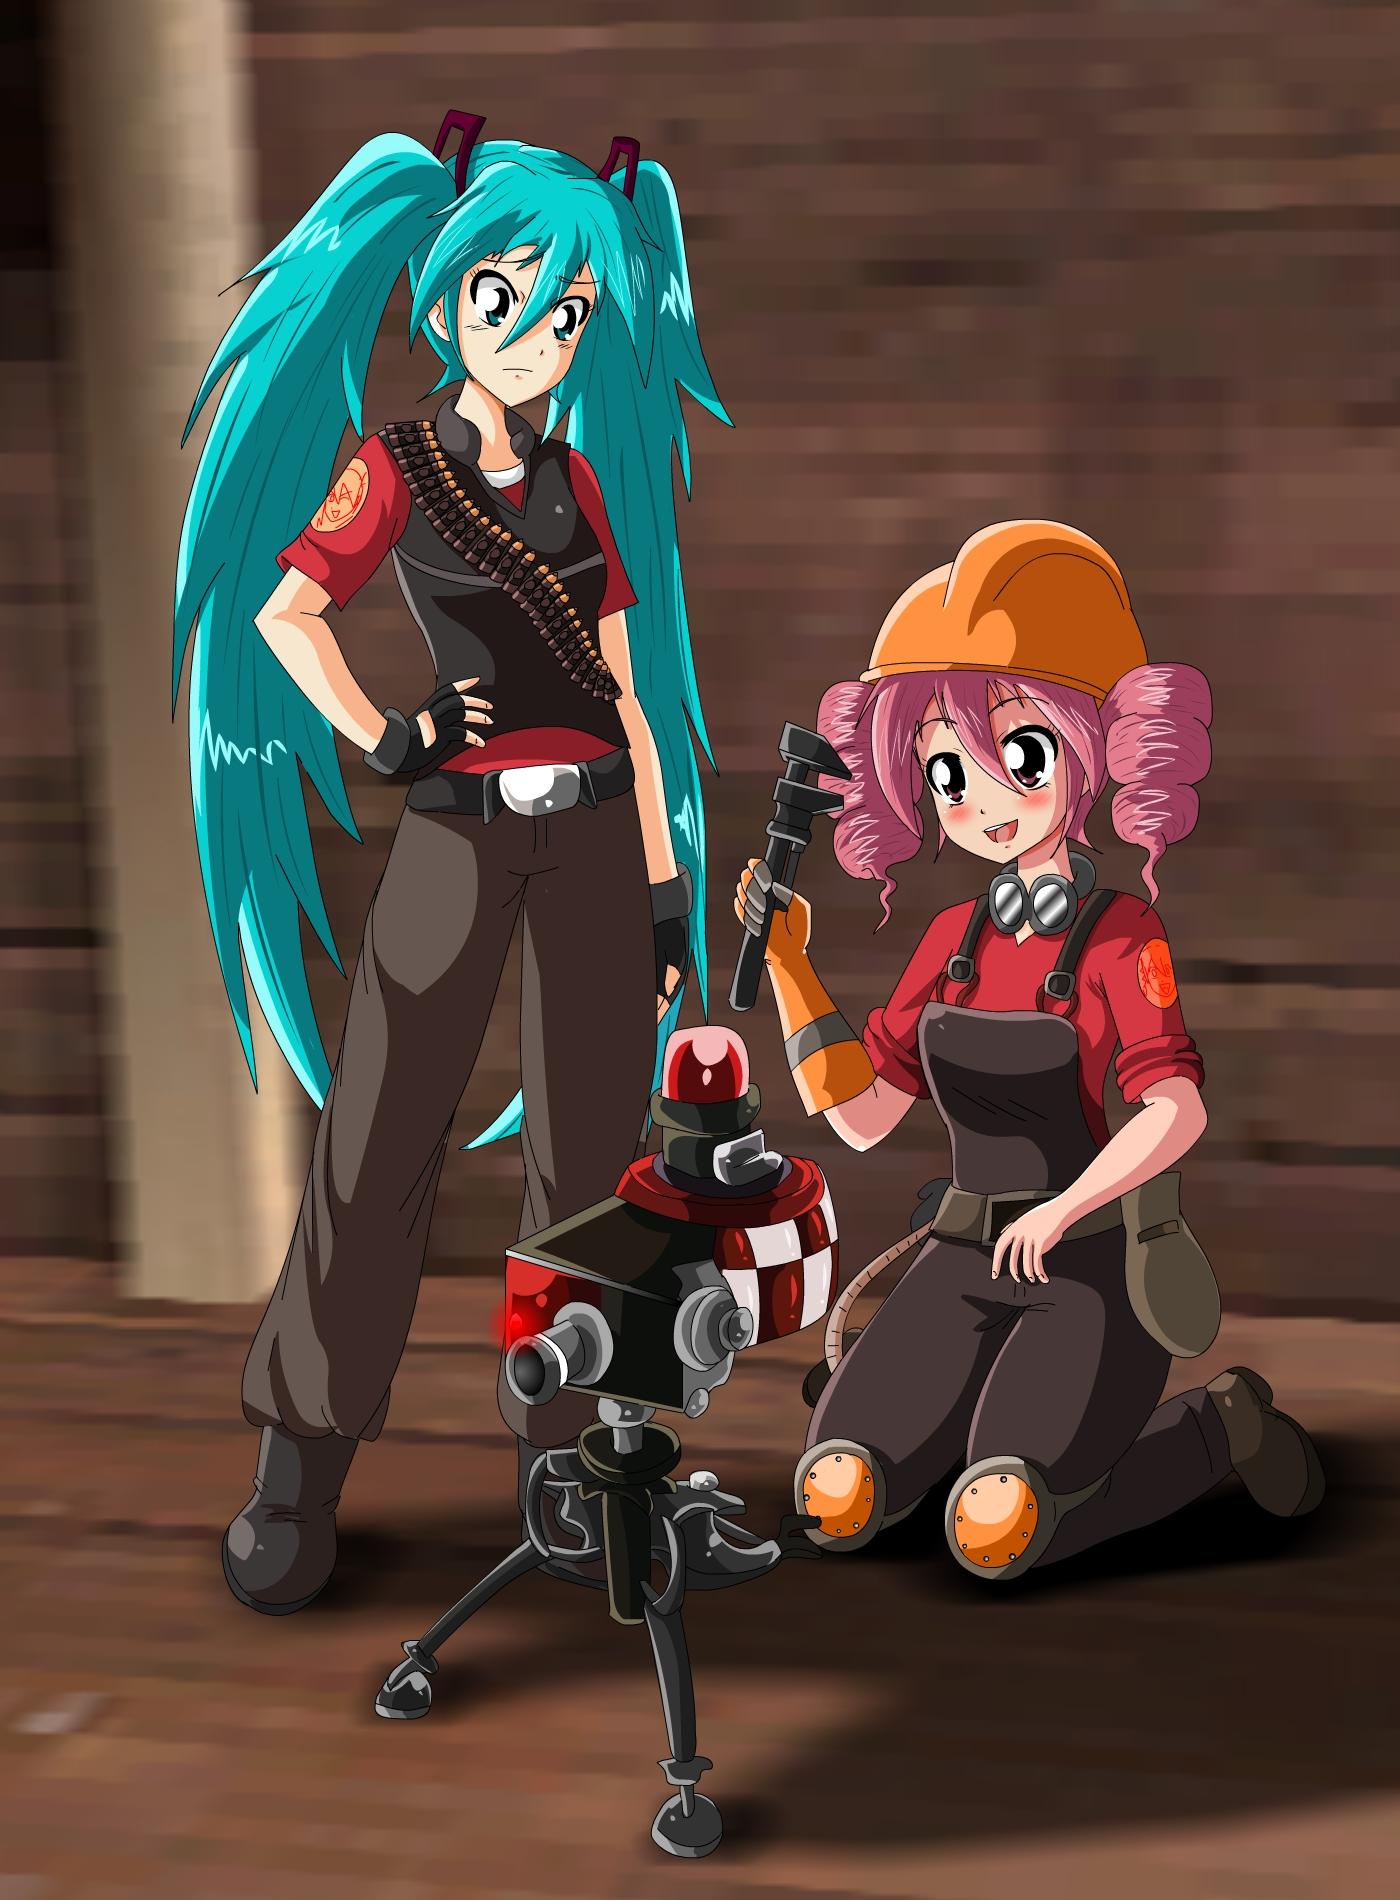 Ain't That a Cute little gun by bocodamondo